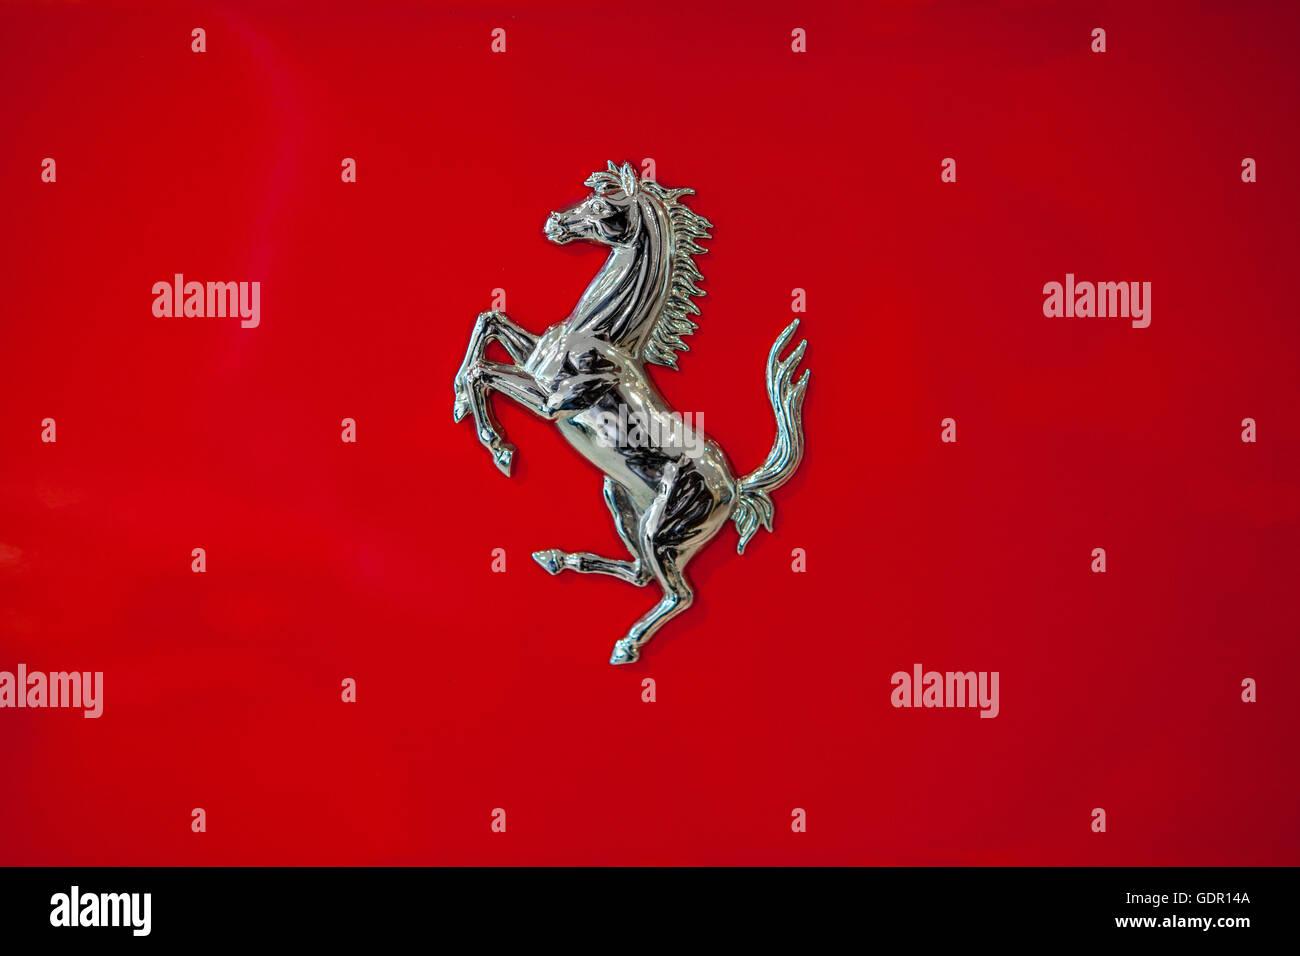 Ferrari Horse Stock Photos Ferrari Horse Stock Images Alamy